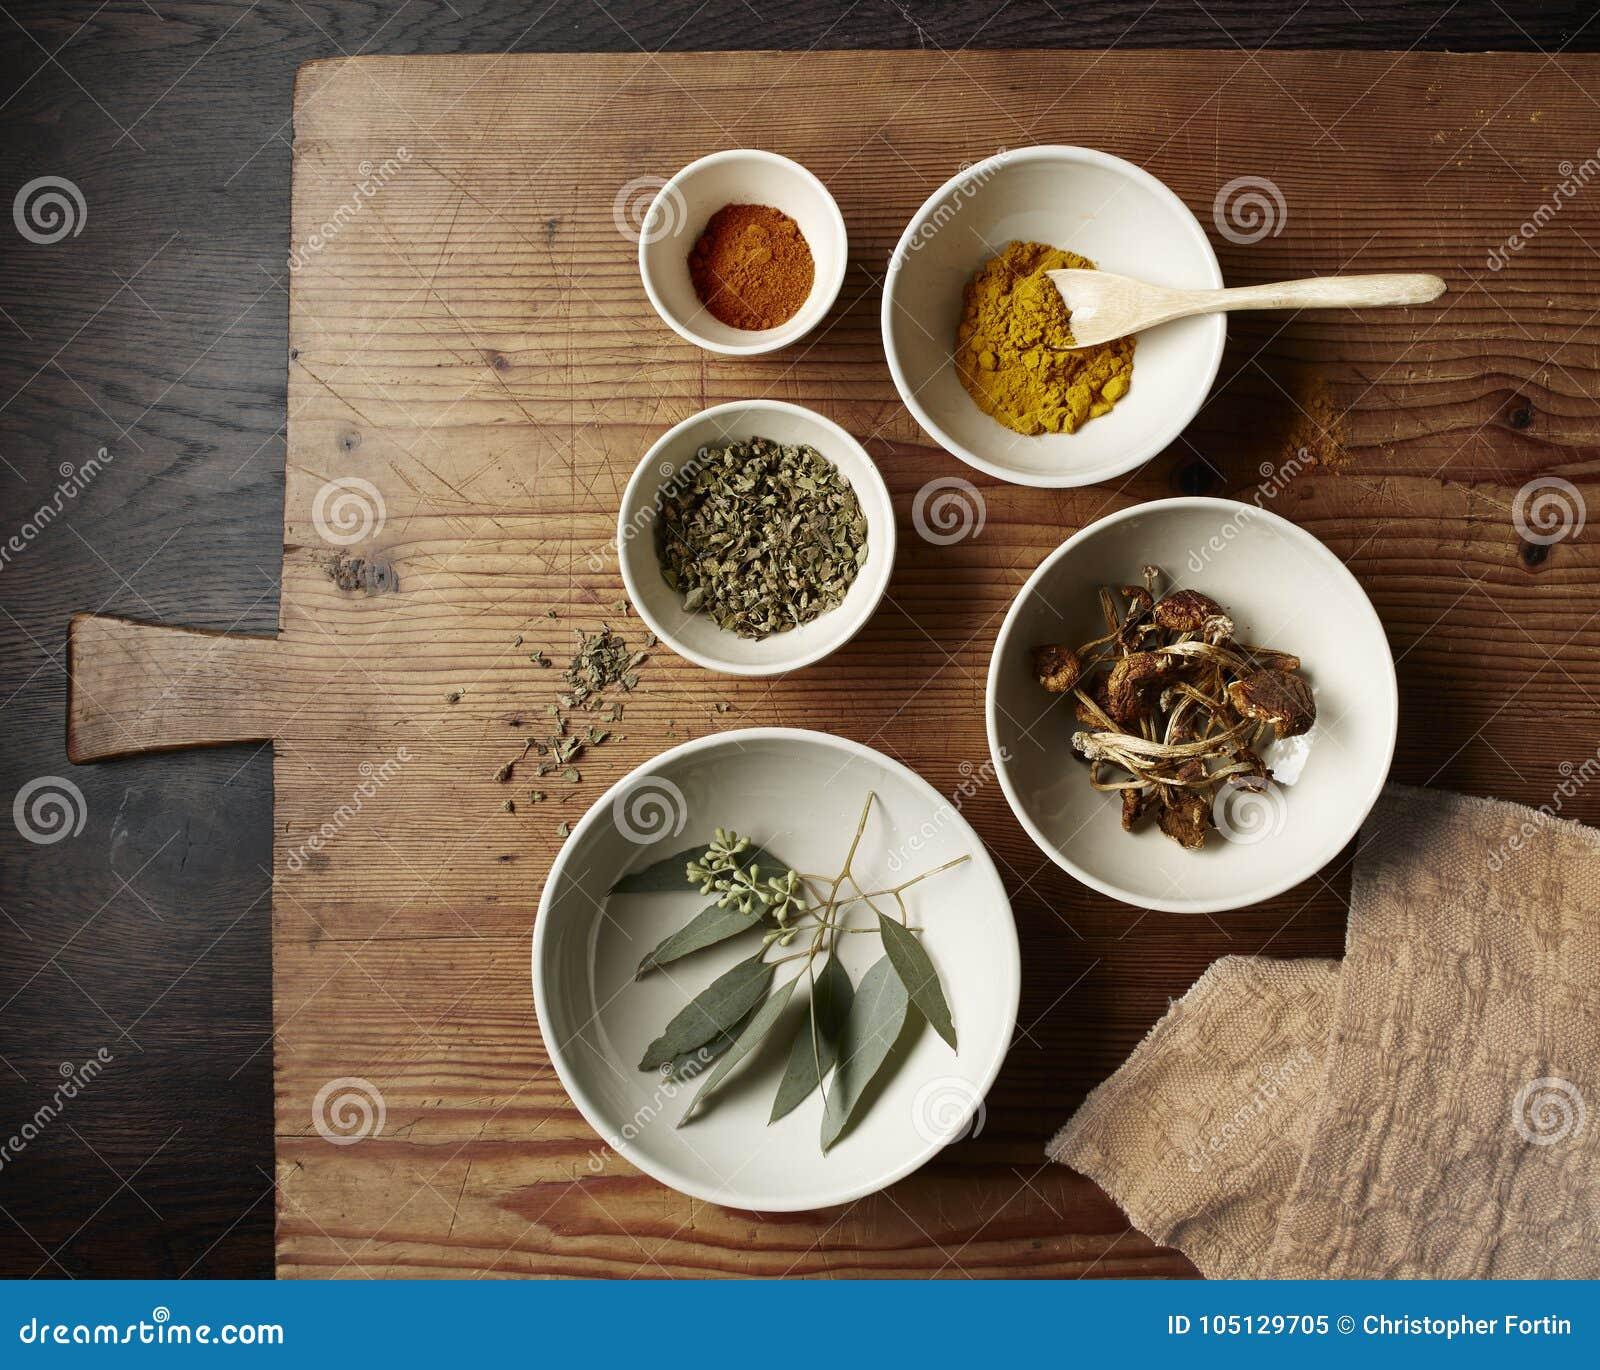 Специи, грибы и листья в белых шарах на деревенской деревянной разделочной доске